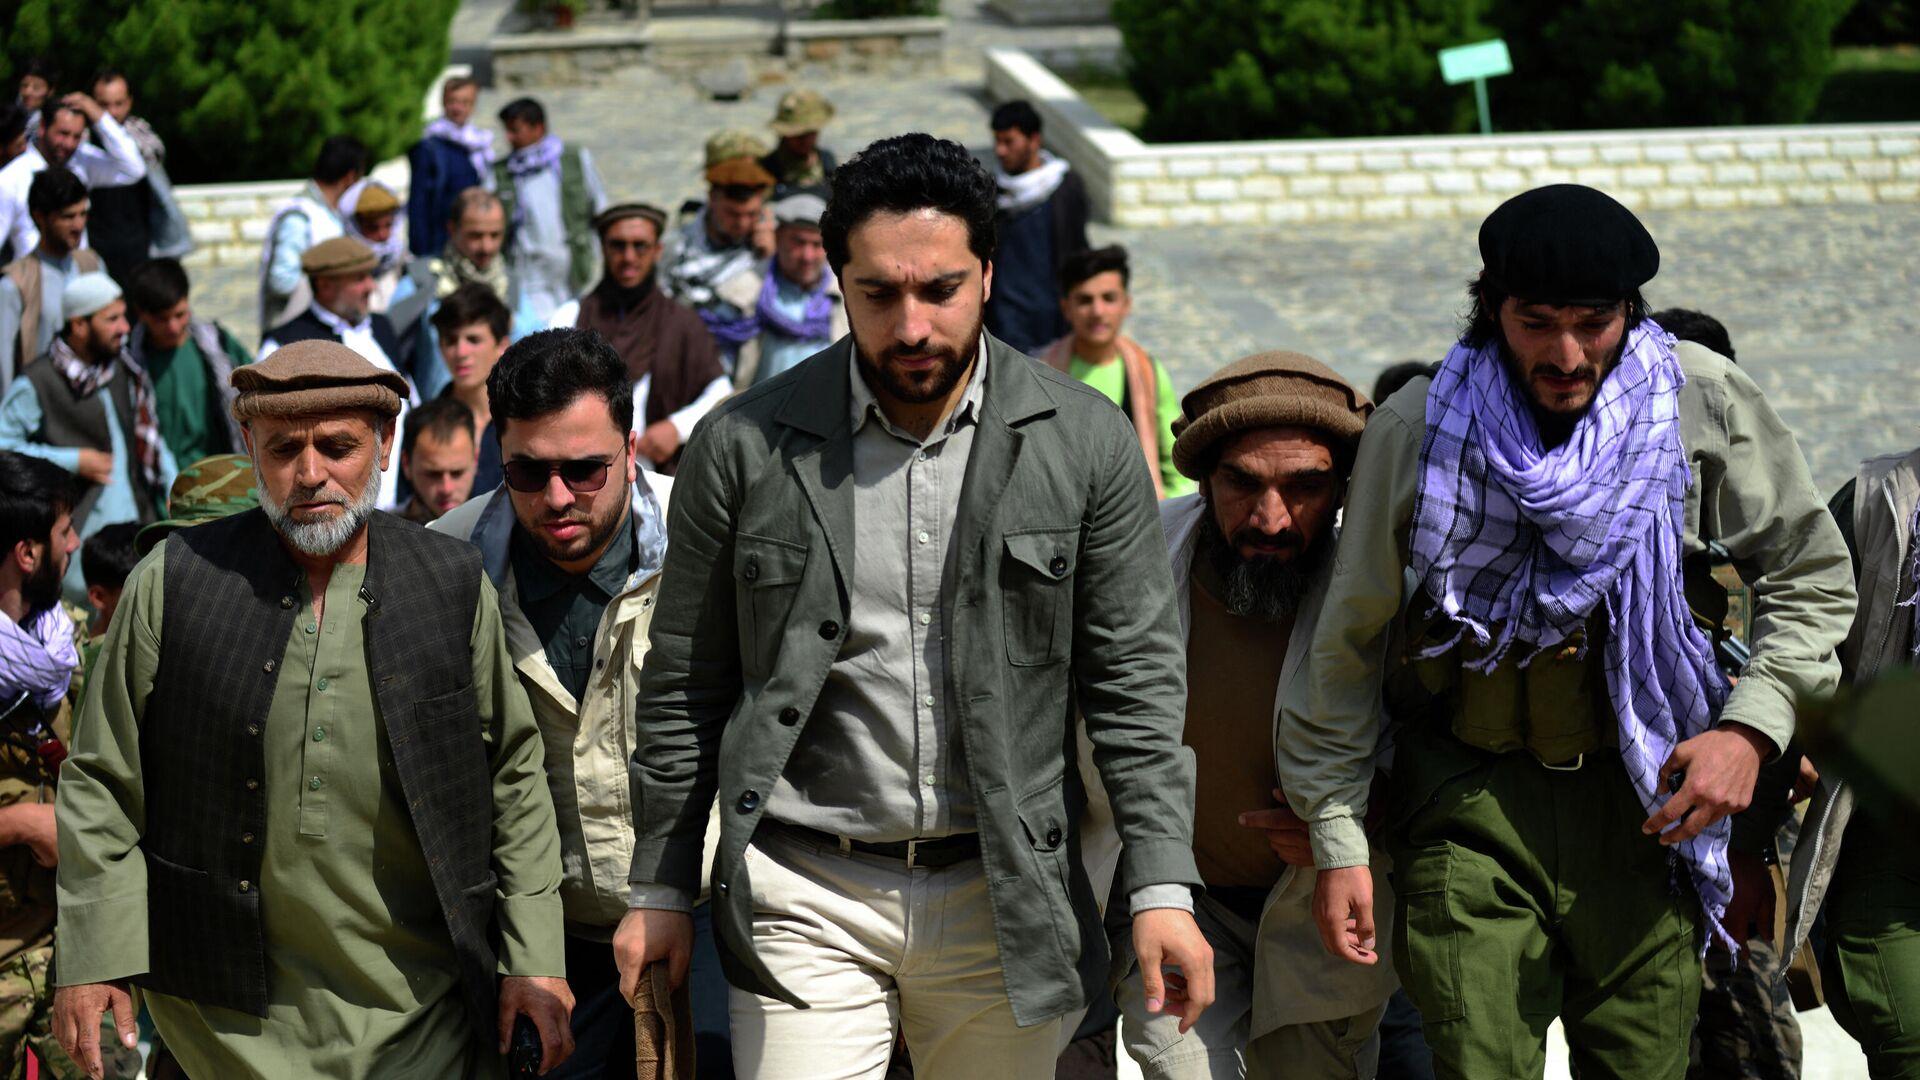 Ahmad Masud (centro), hijo del guerrillero afgano Ahmad Shah Masud, conocido como 'el león de Panshir', acude a la tumba de su padre en Panshir (Afganistán), el 5 de julio del 2021 - Sputnik Mundo, 1920, 25.08.2021